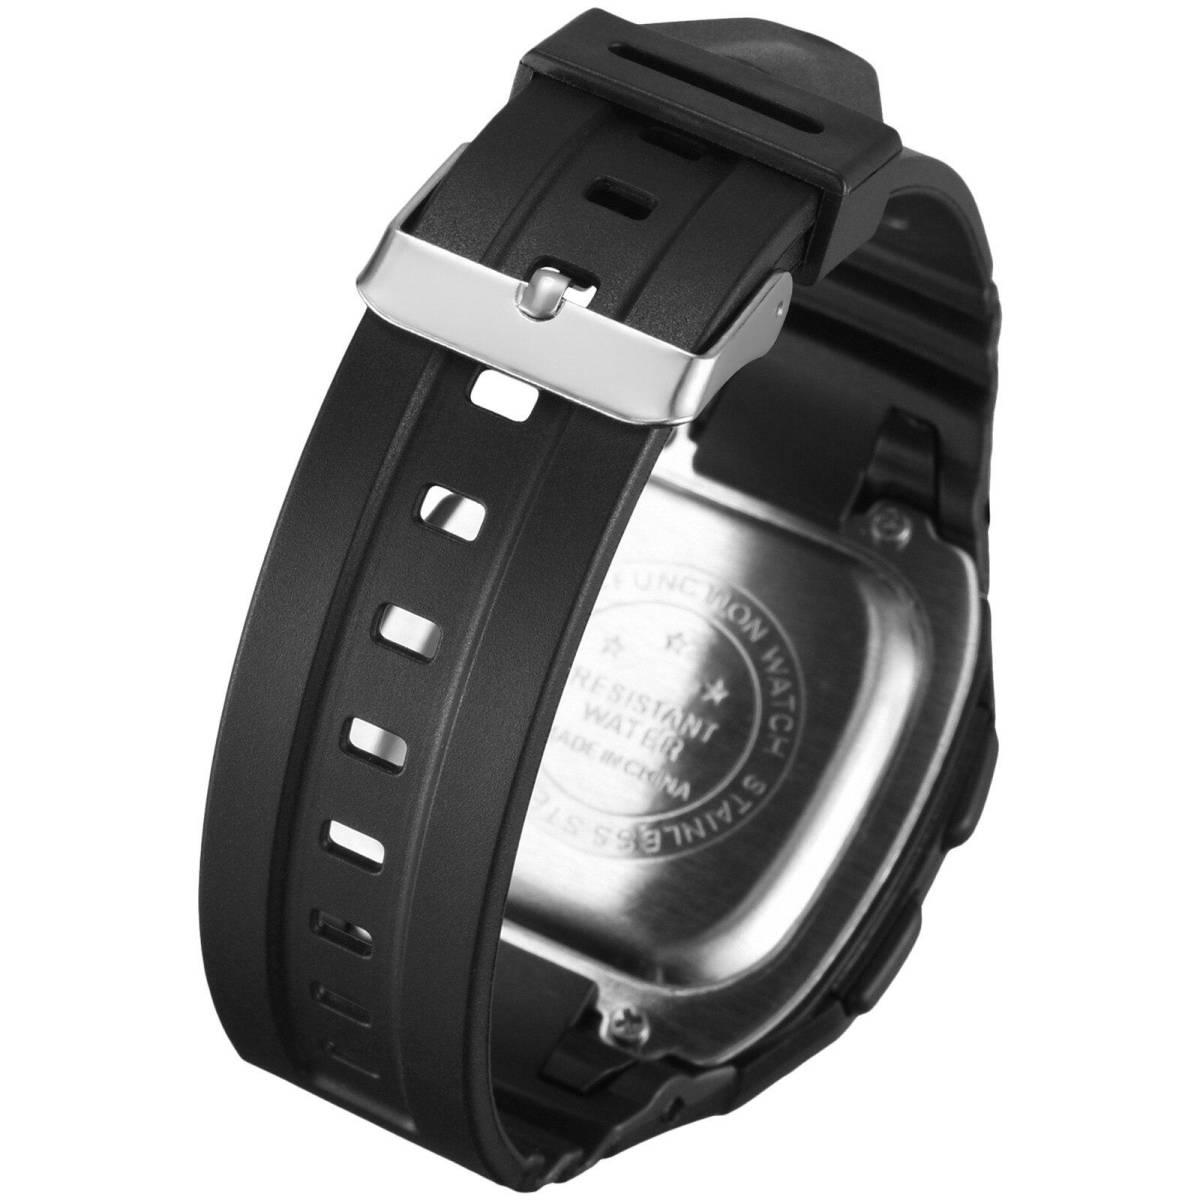 ●1円スタート ★メンズ腕時計 スポーツ腕時計 防水 ストップウォッチ機能 227_画像3